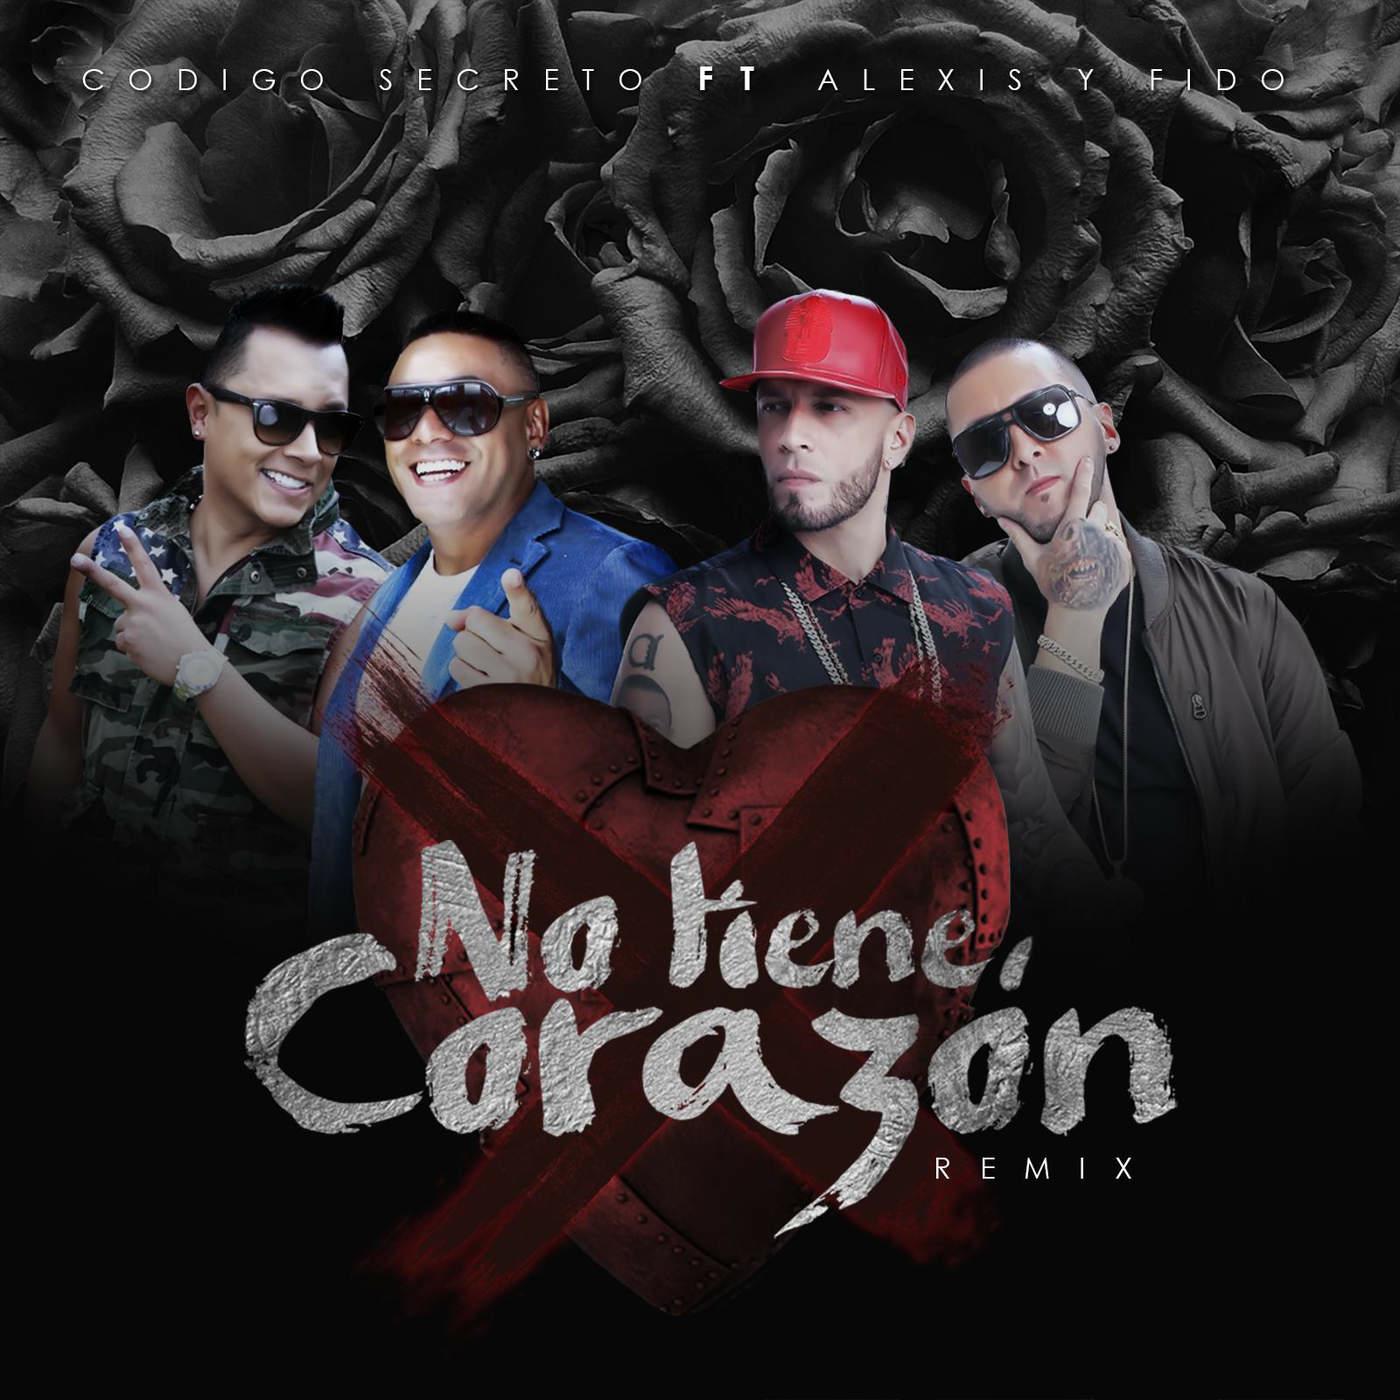 alex - Codigo Secreto Ft. Alexis y Fido - No Tiene Corazon (Official Remix)